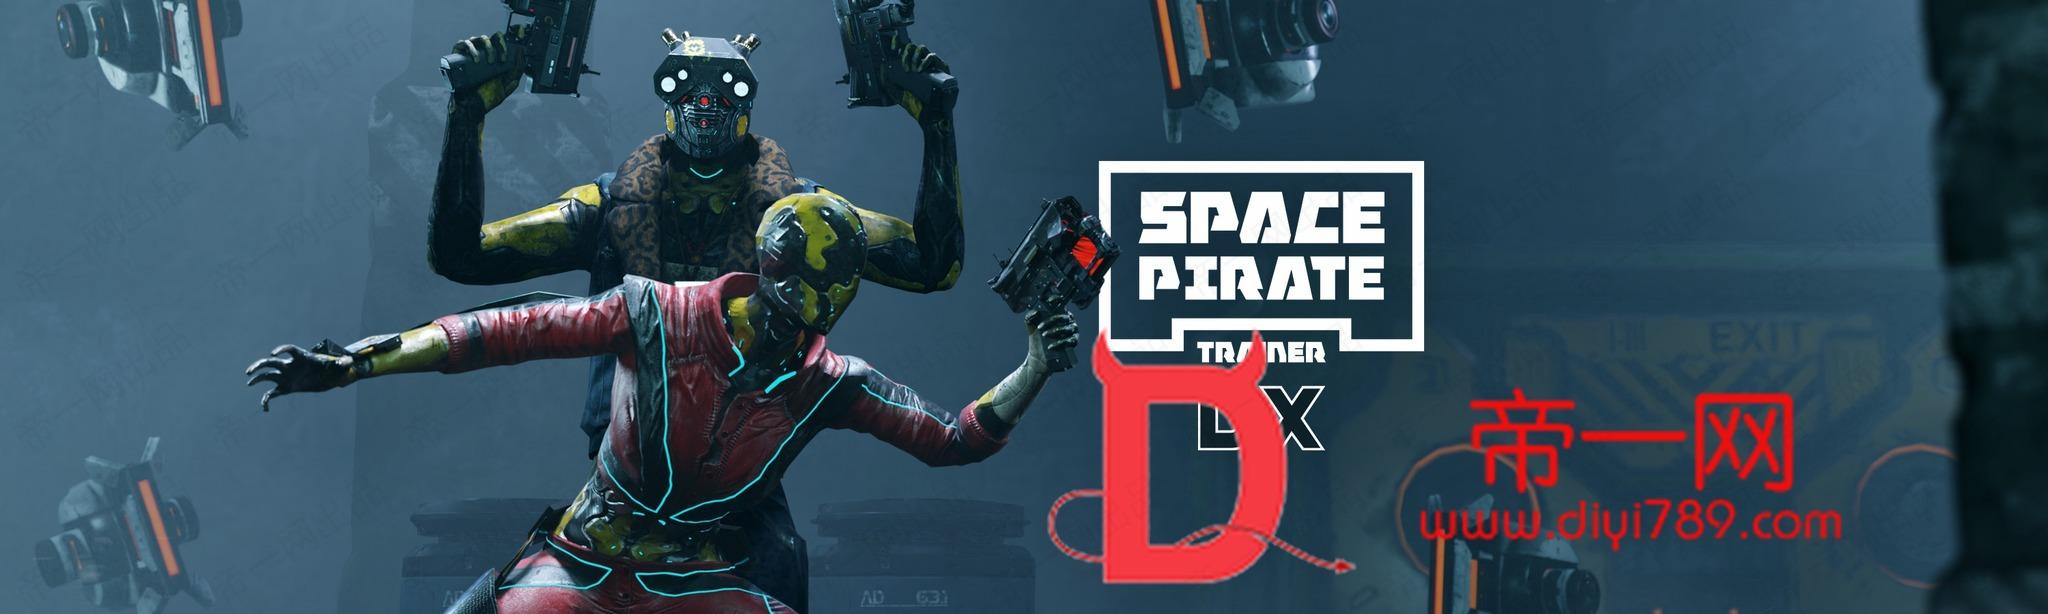 新版Oculus Quest 游戏《 Space Pirate Trainer》宇宙海盗中文版 VR游戏下载